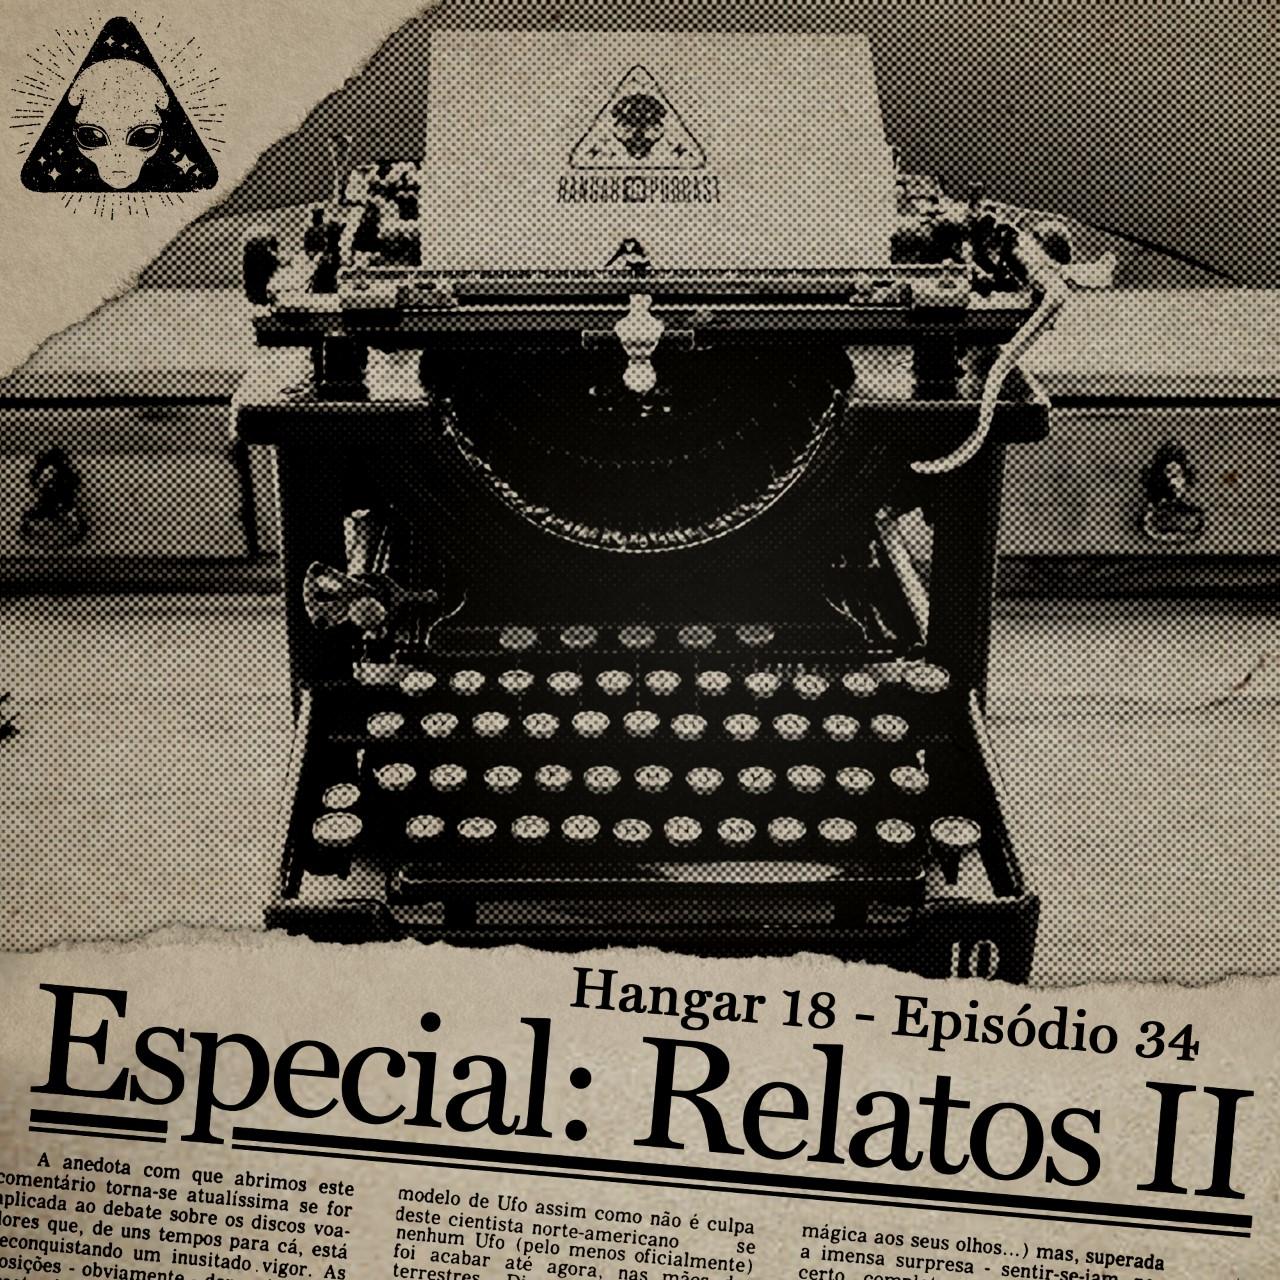 E34 Hangar 18 - Ep 034 - Especial Relatos II